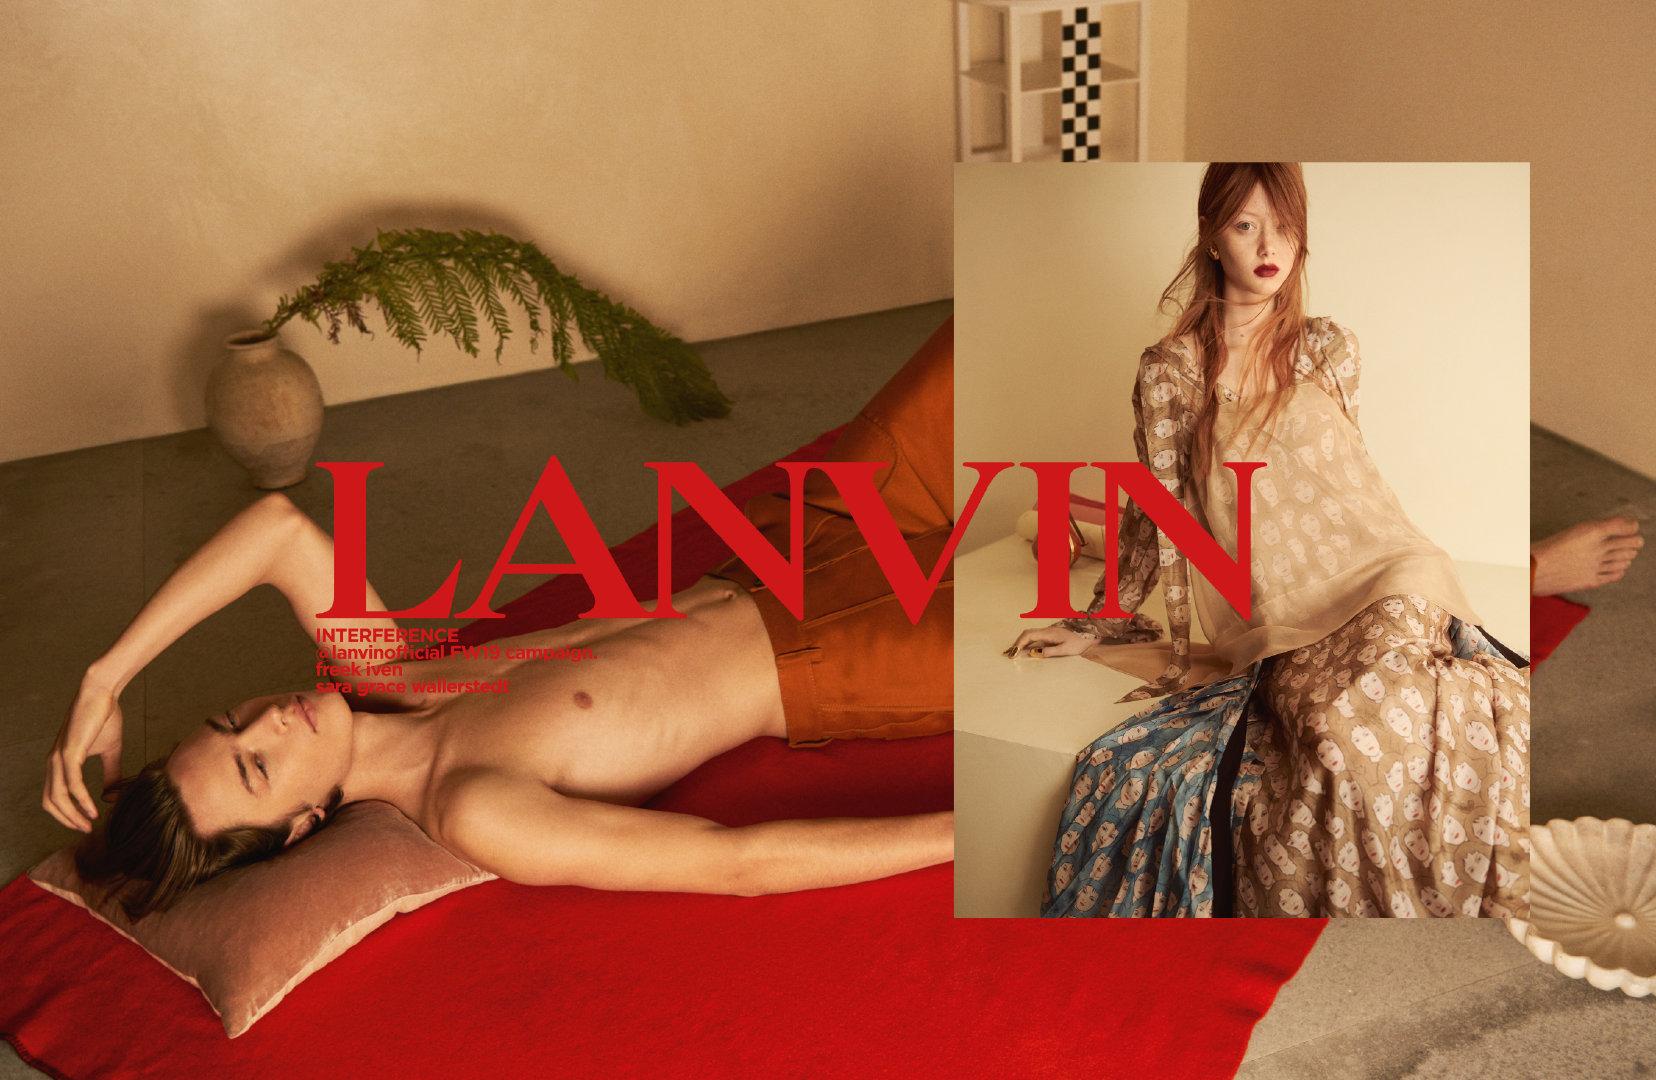 由Lanvin创意总监Bruno Sialelli主理的首组品牌广告大片